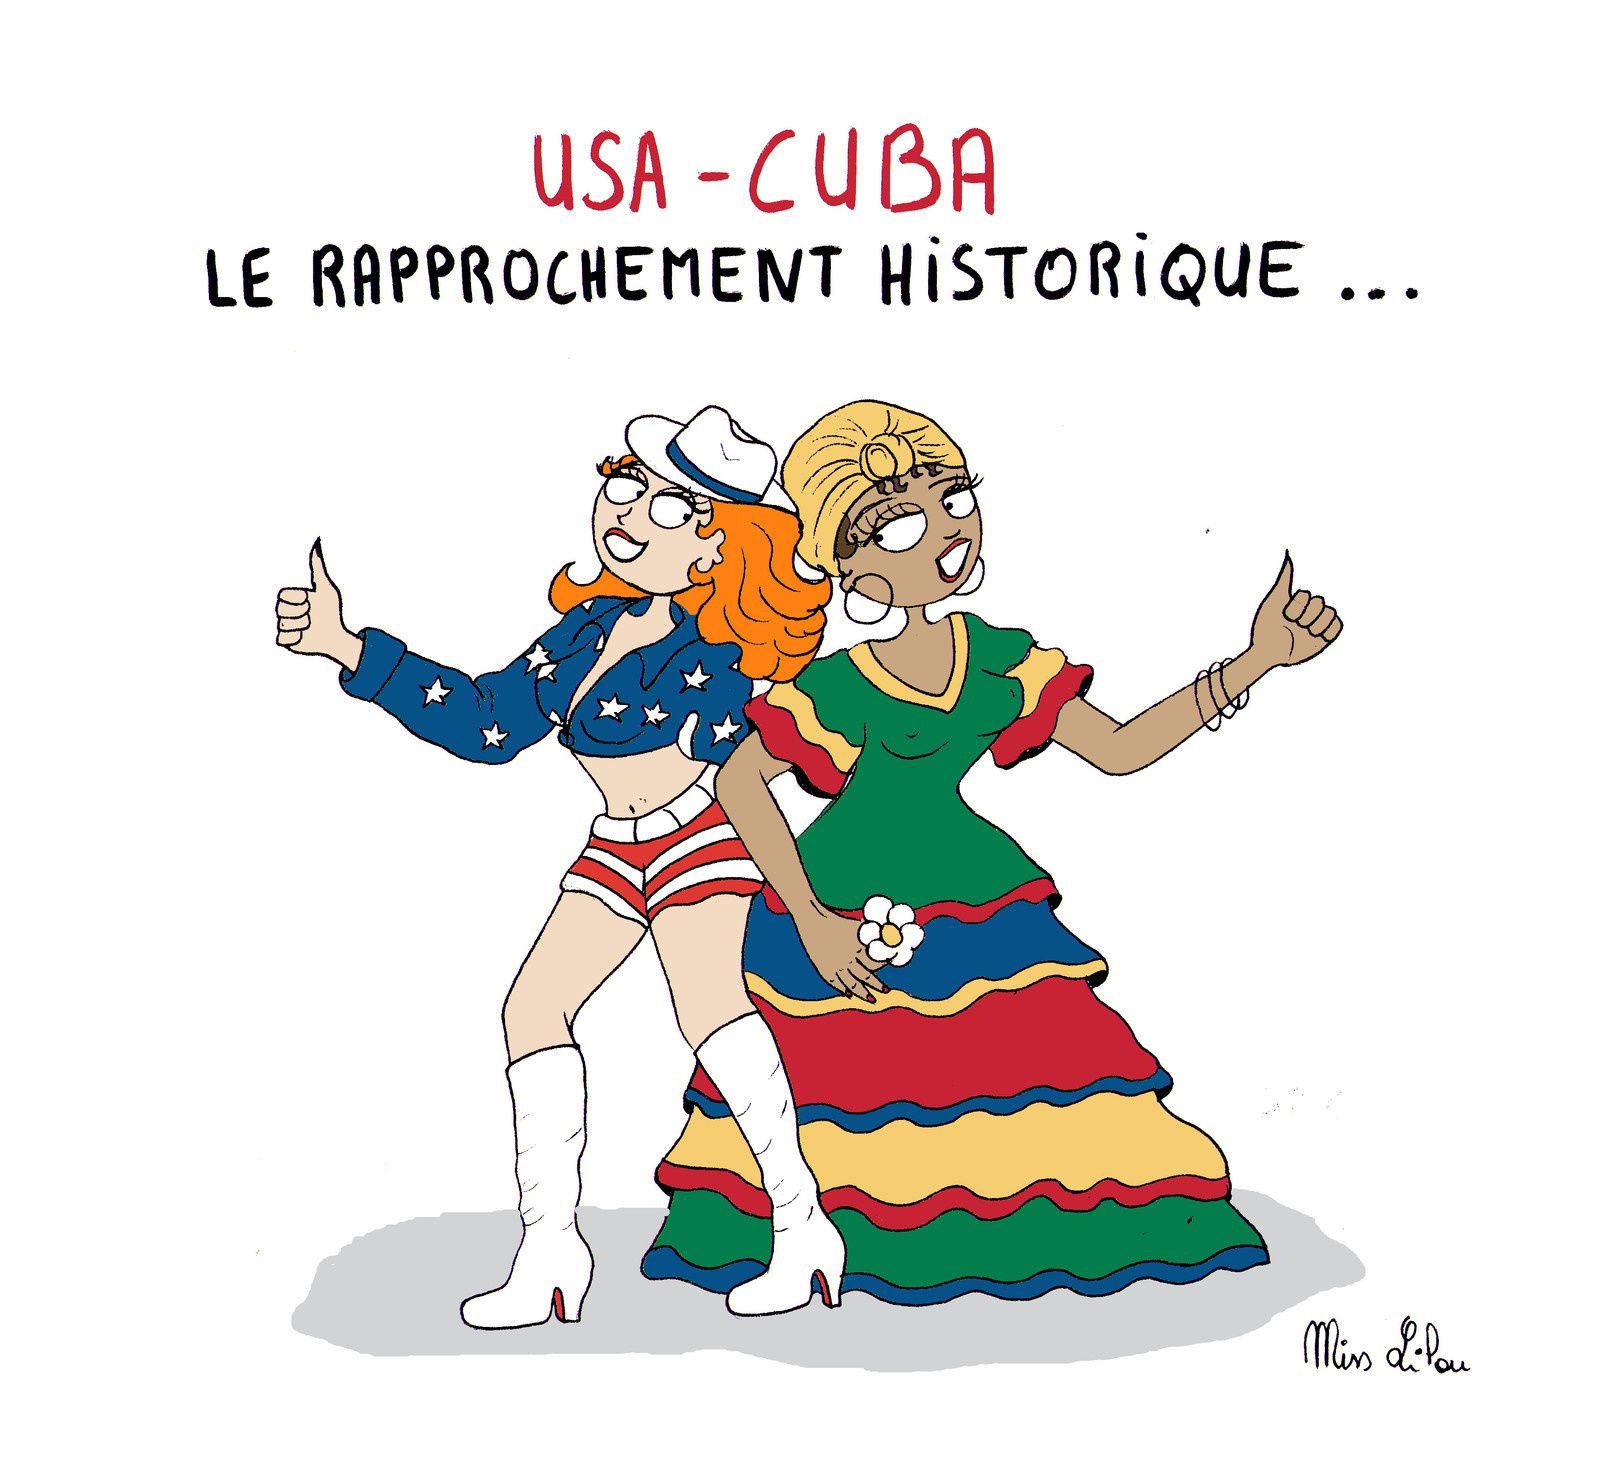 USA-CUBA : LE RAPPROCHEMENT HISTORIQUE !